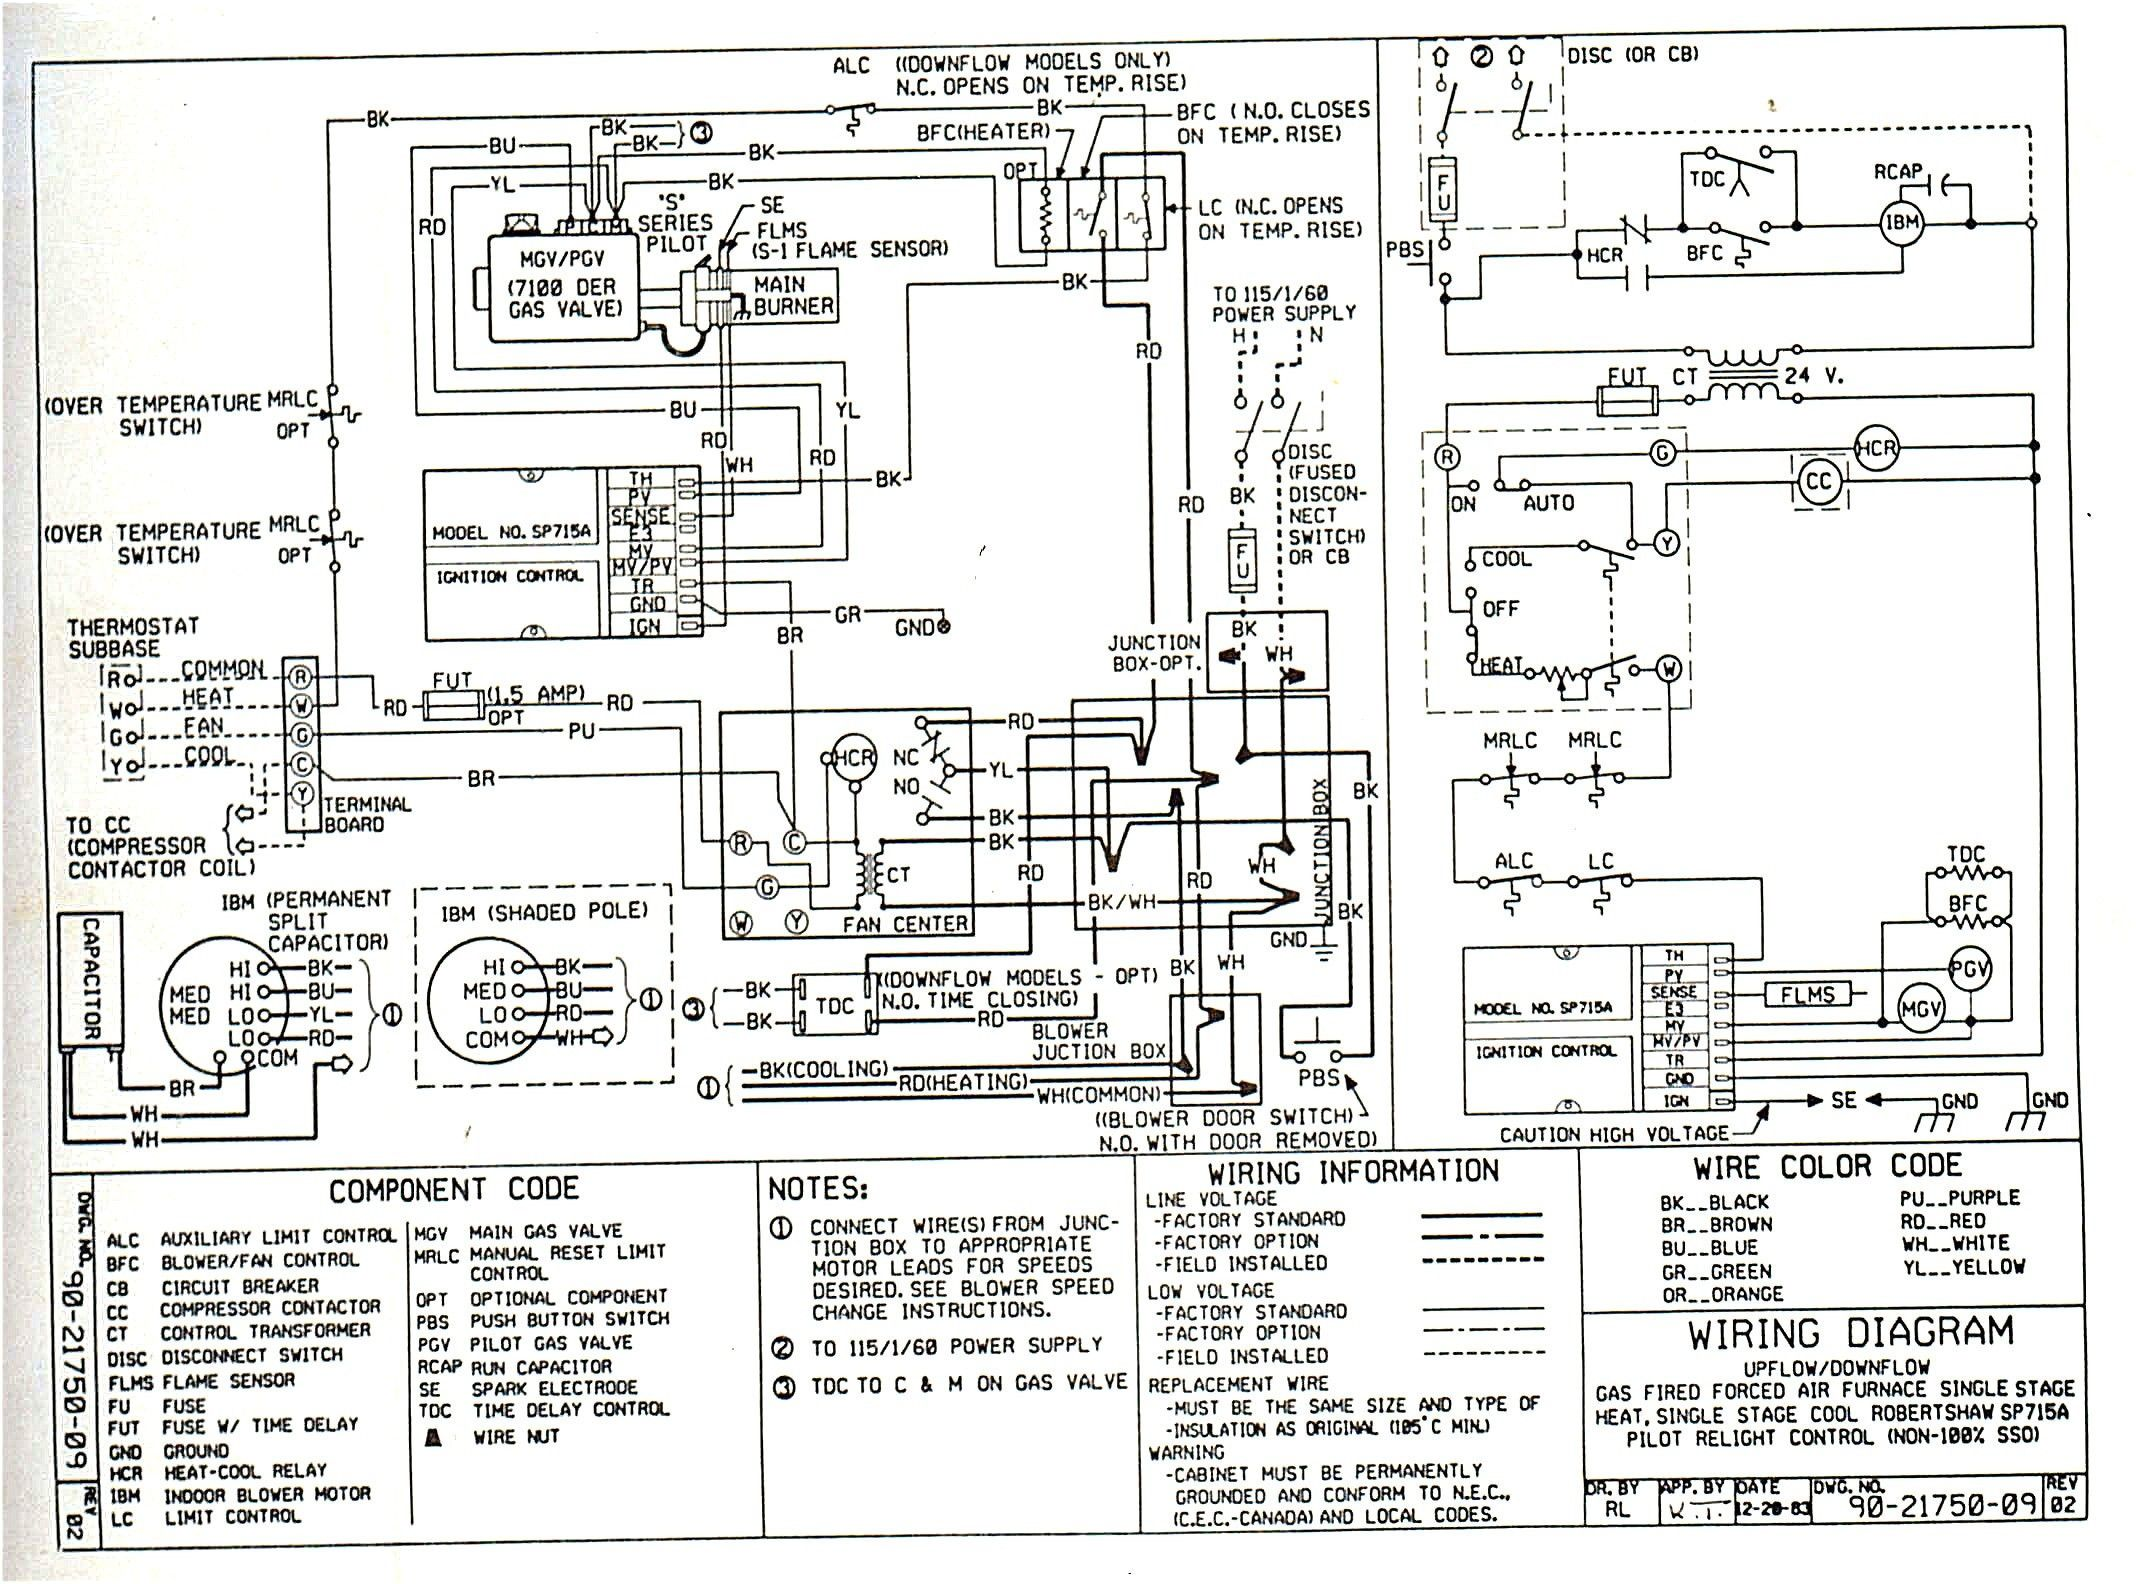 unique wiring diagram ac panasonic diagram diagramtemplate unique wiring diagram ac panasonic diagram diagramtemplate diagramsample [ 2136 x 1584 Pixel ]